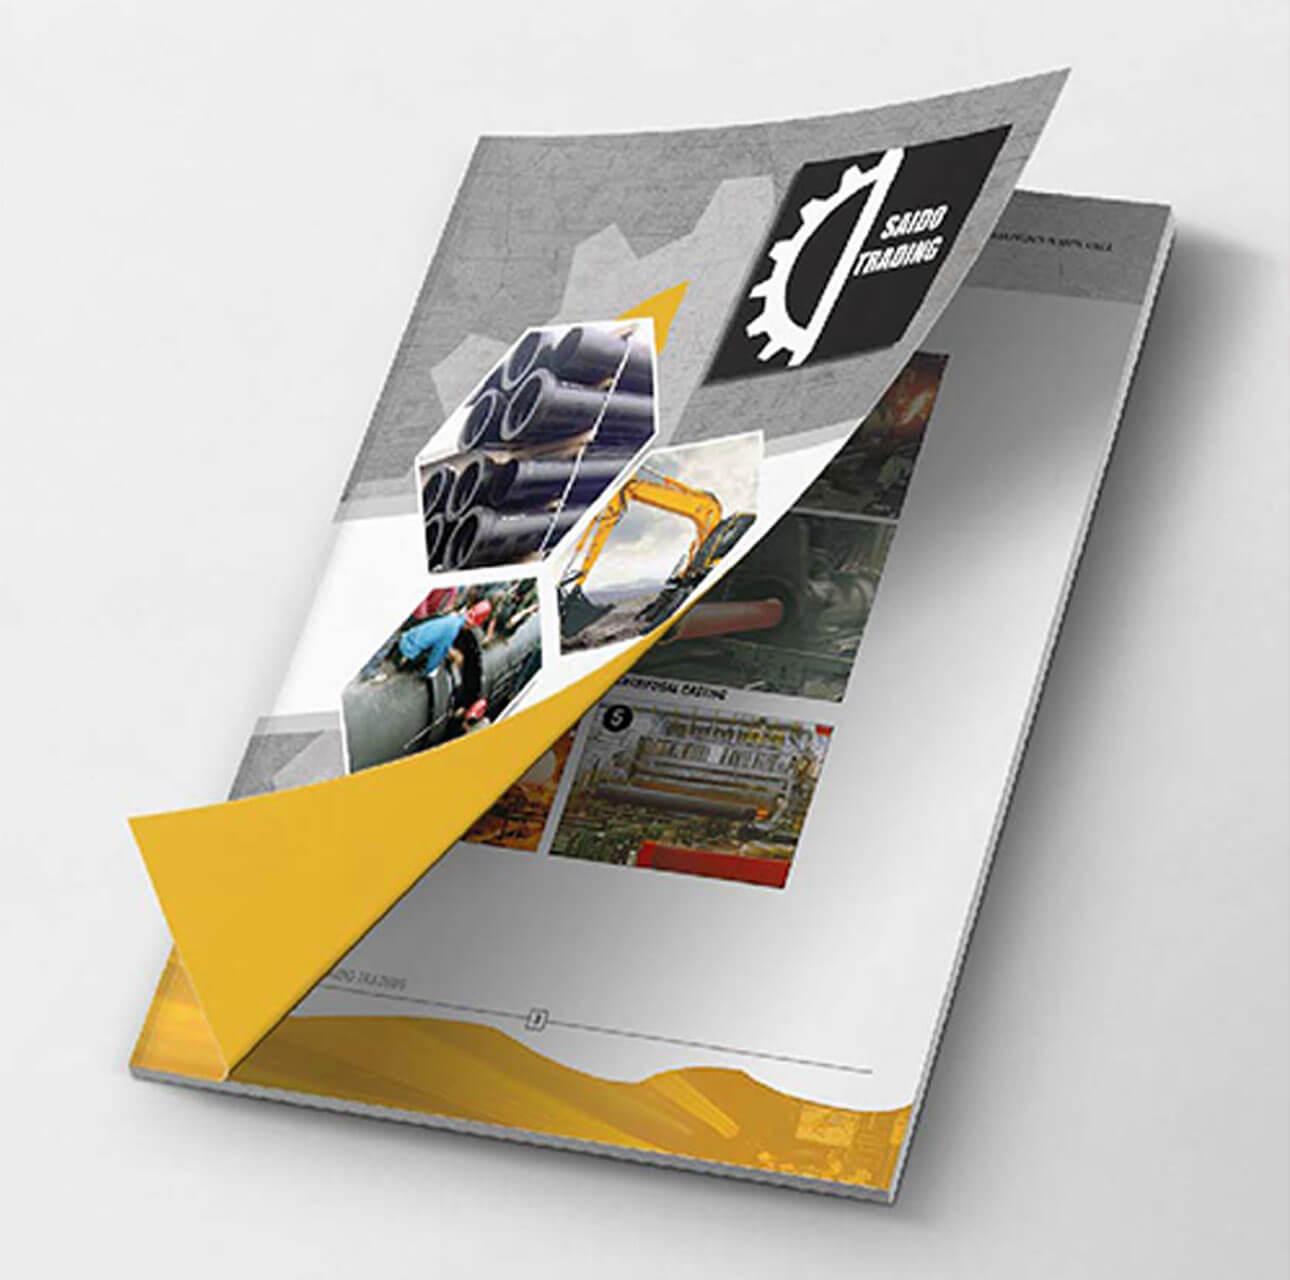 G7-Company-profile-design